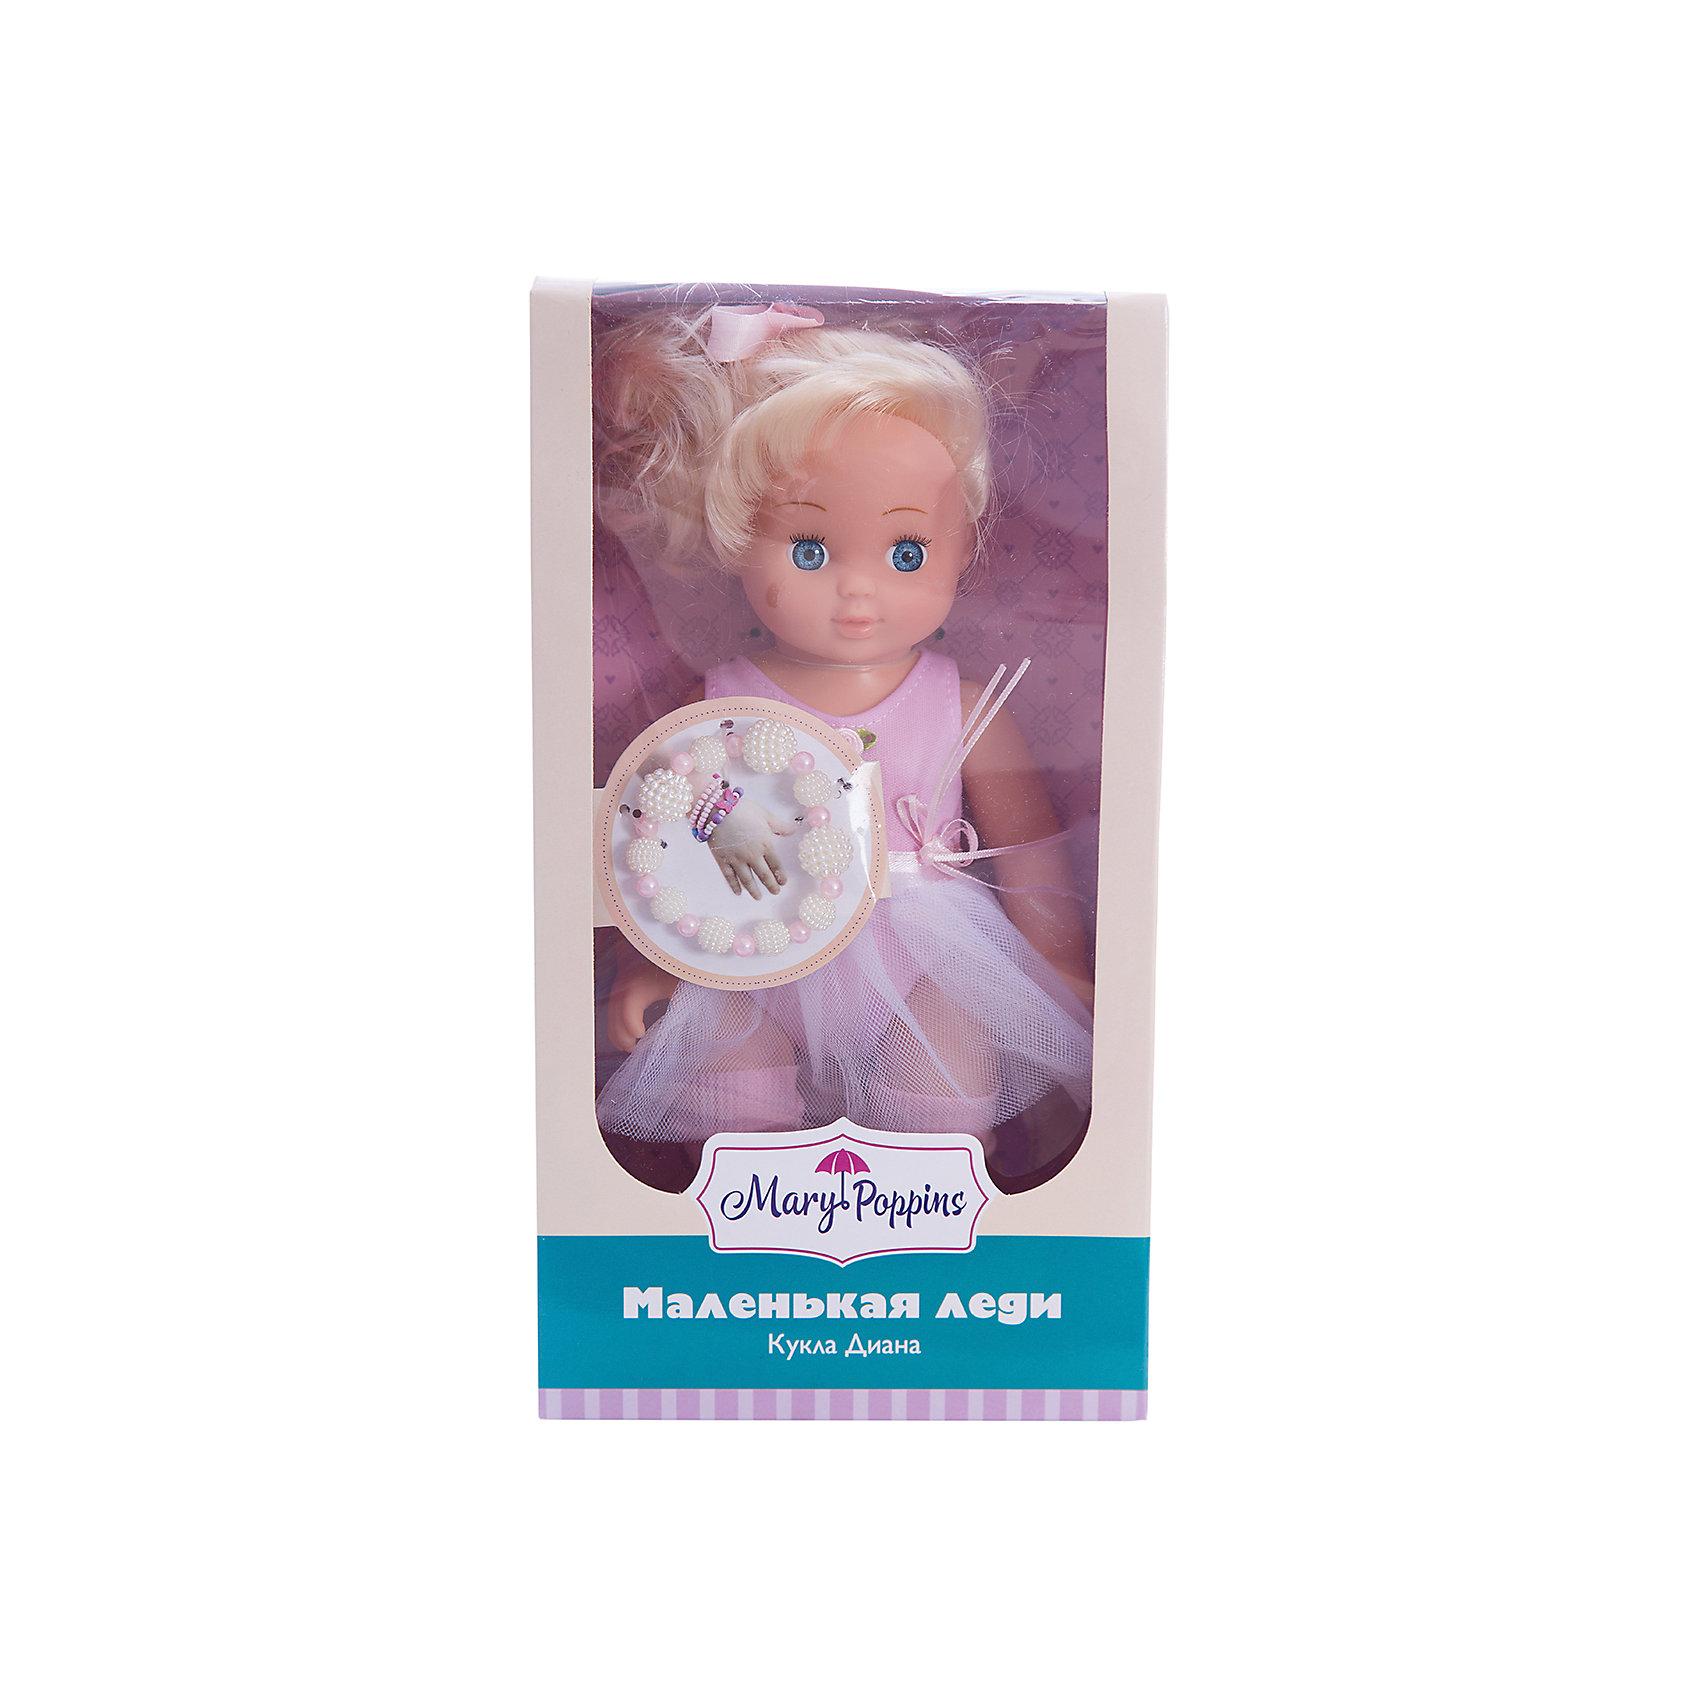 Кукла Диана Маленькая леди, Mary PoppinsКлассические куклы<br>Кукла Диана Маленькая леди, Mary Poppins.<br><br>Характеристики:<br><br>• Комплектация: кукла, браслет<br>• Высота куклы: 9 см.<br>• Материал: ПВХ, пластик, текстиль<br>• Размер упаковки: 16х8х29 см.<br><br>Кукла Диана из серии Маленькая леди от фирмы Mary Poppins очарует маленьких девочек. У Дианы большие голубые глаза, блестящие светлые волосы, собранные в хвостик и украшенные розовой лентой. Она одета в элегантное розовое платье, юбка которого напоминает балетную пачку. Диана выглядит как настоящая леди. Вместе с ней в комплект входит браслет из бусинок, который юная обладательница куклы может носить на руке. Глазки у куклы не закрываются. Кукла изготовлена из пластика и ПВХ.<br><br>Куклу Диана Маленькая леди, Mary Poppins можно купить в нашем интернет-магазине.<br><br>Ширина мм: 160<br>Глубина мм: 85<br>Высота мм: 300<br>Вес г: 365<br>Возраст от месяцев: 24<br>Возраст до месяцев: 2147483647<br>Пол: Женский<br>Возраст: Детский<br>SKU: 5402752